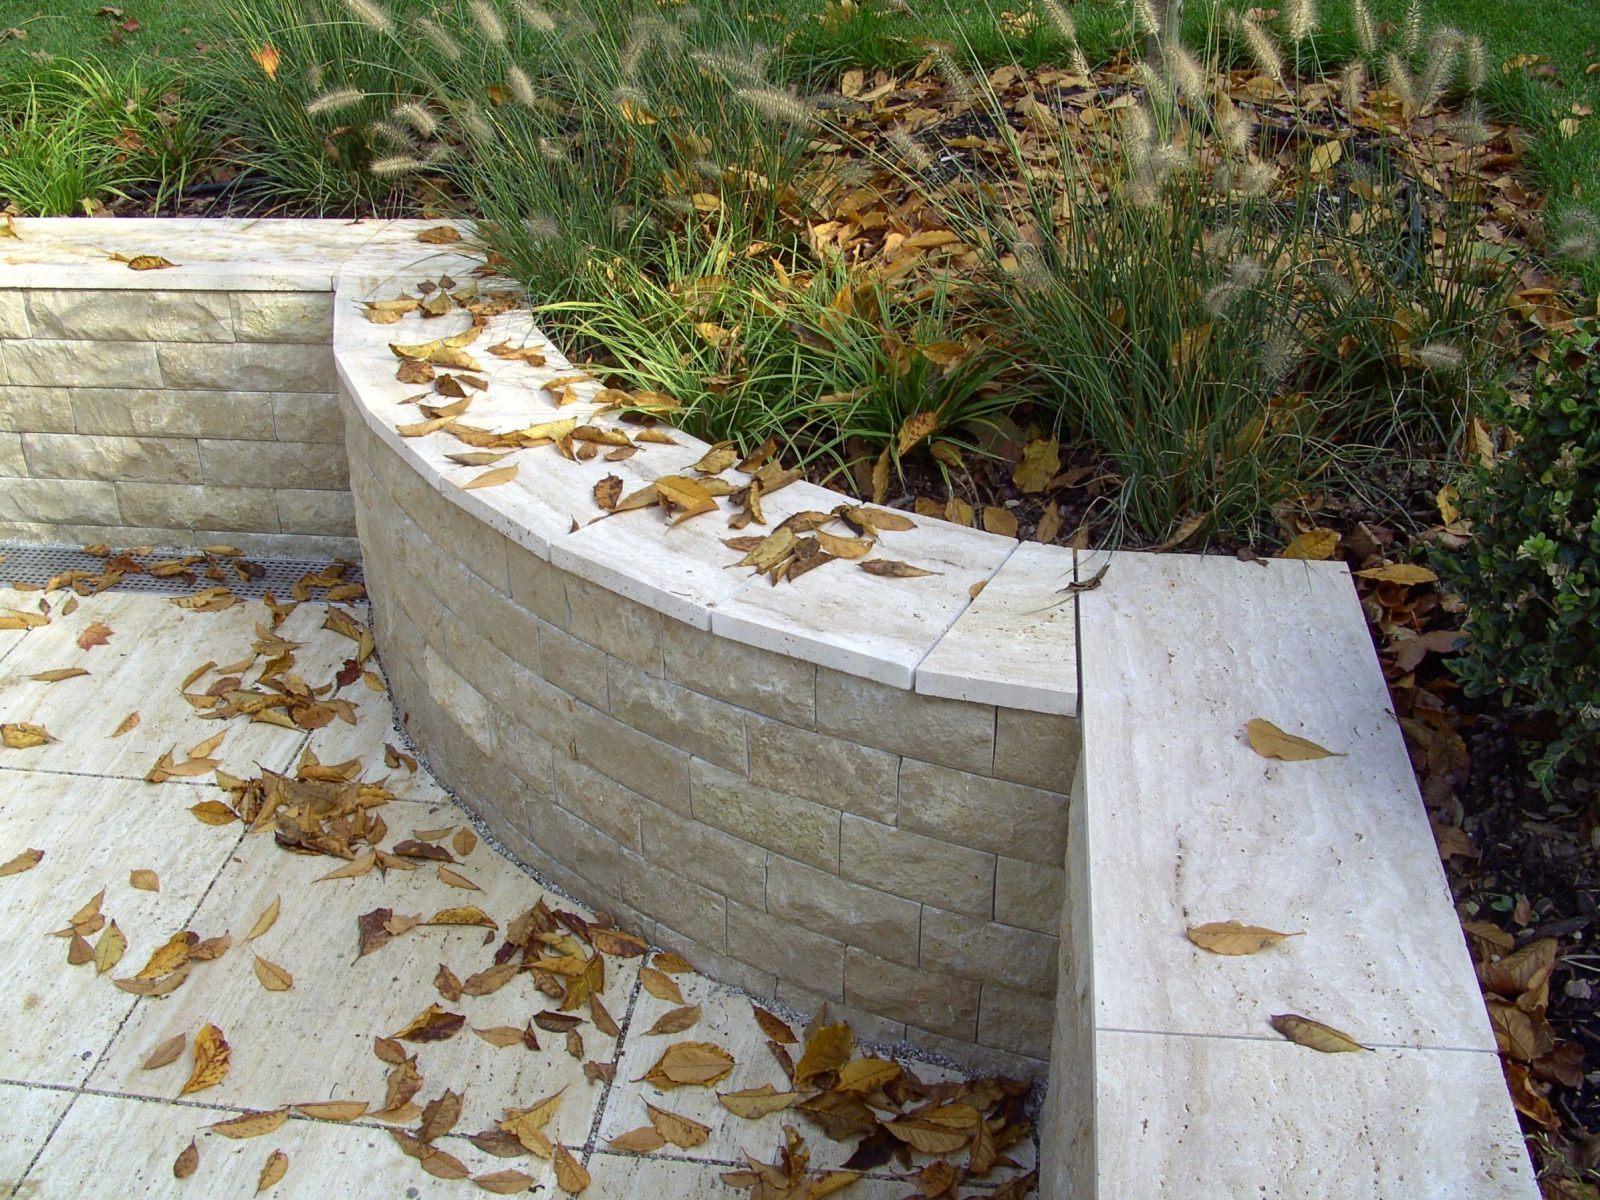 Luxus Terrasse Steine Sobhaniformaryland Ideen Für Stein Deko Garten von Steine Für Den Garten Photo